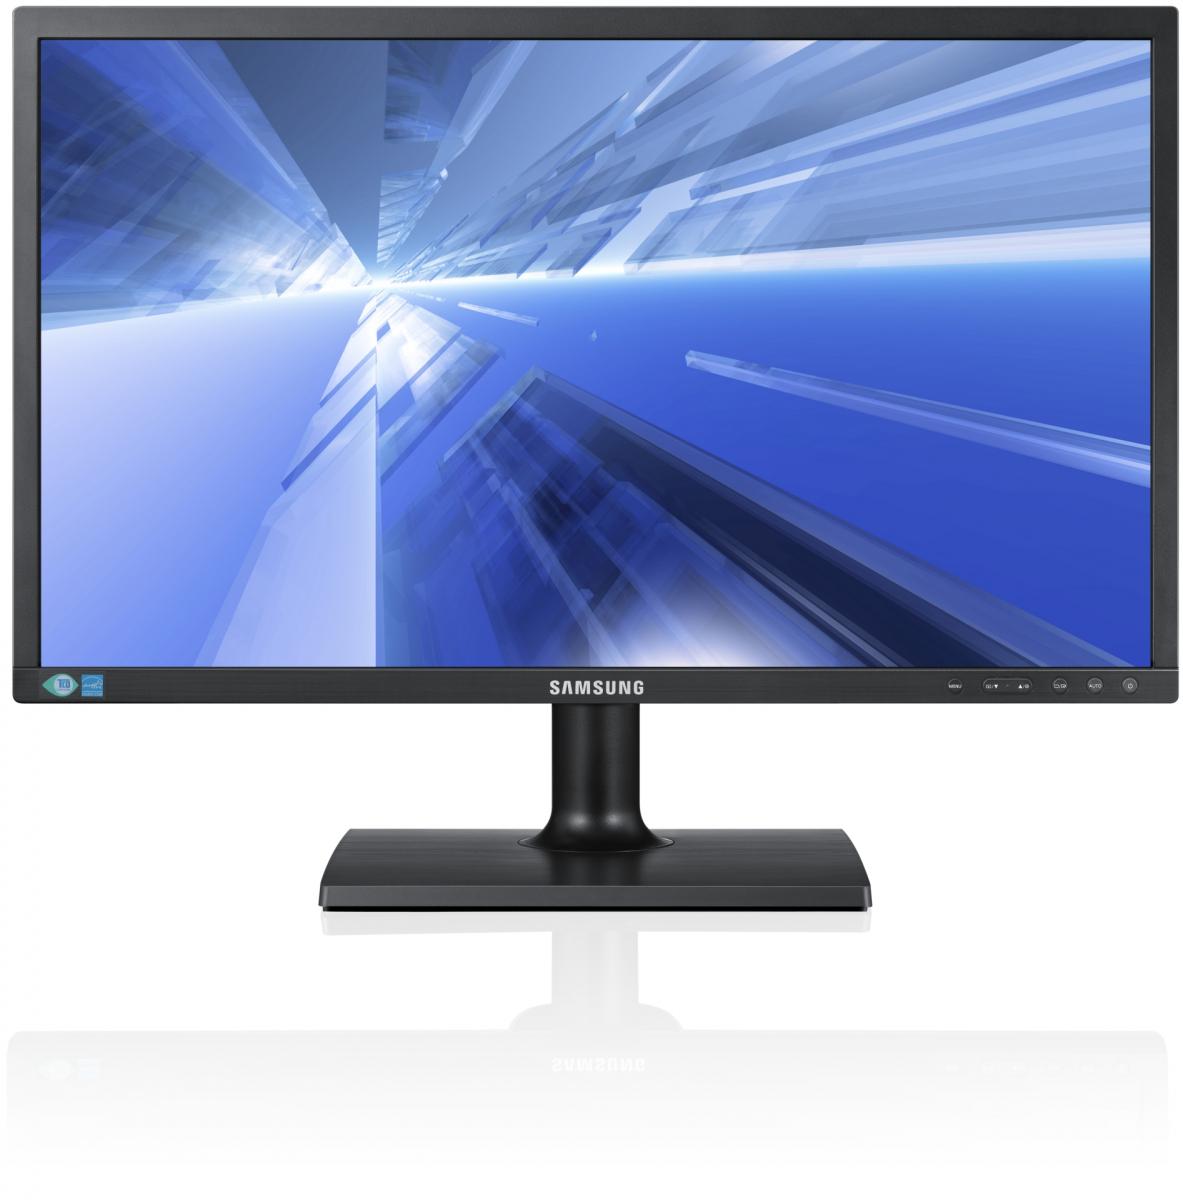 Samsung Monitor S22C200B 21,5x27x27 | FullHD für 98 € [Office-Partner]